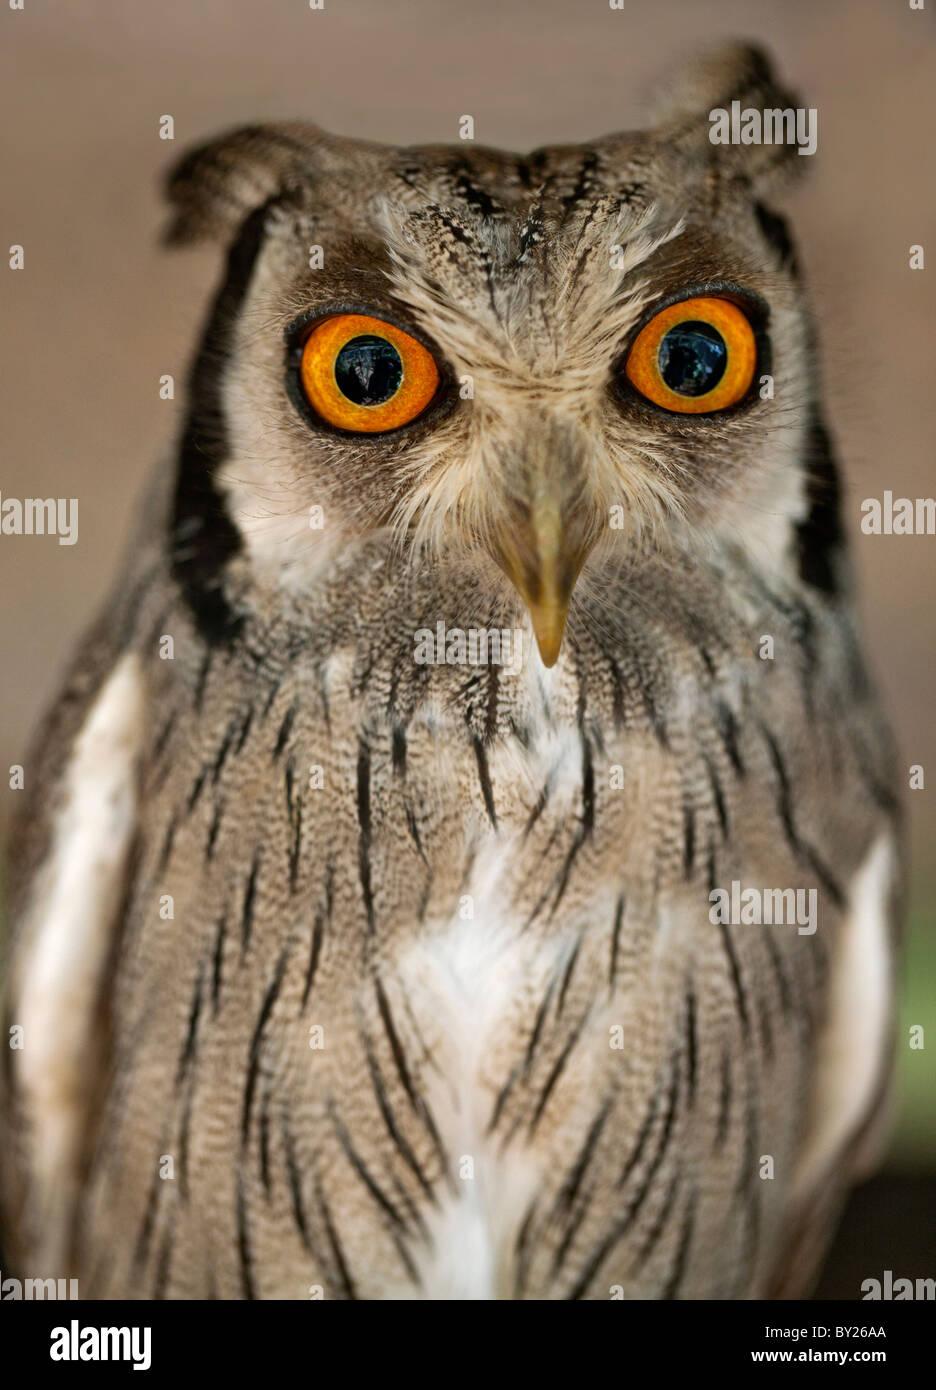 Un Scops-Owl cara blanca, una especie de búho pequeño con sus penachos auriculares que se planteó Imagen De Stock